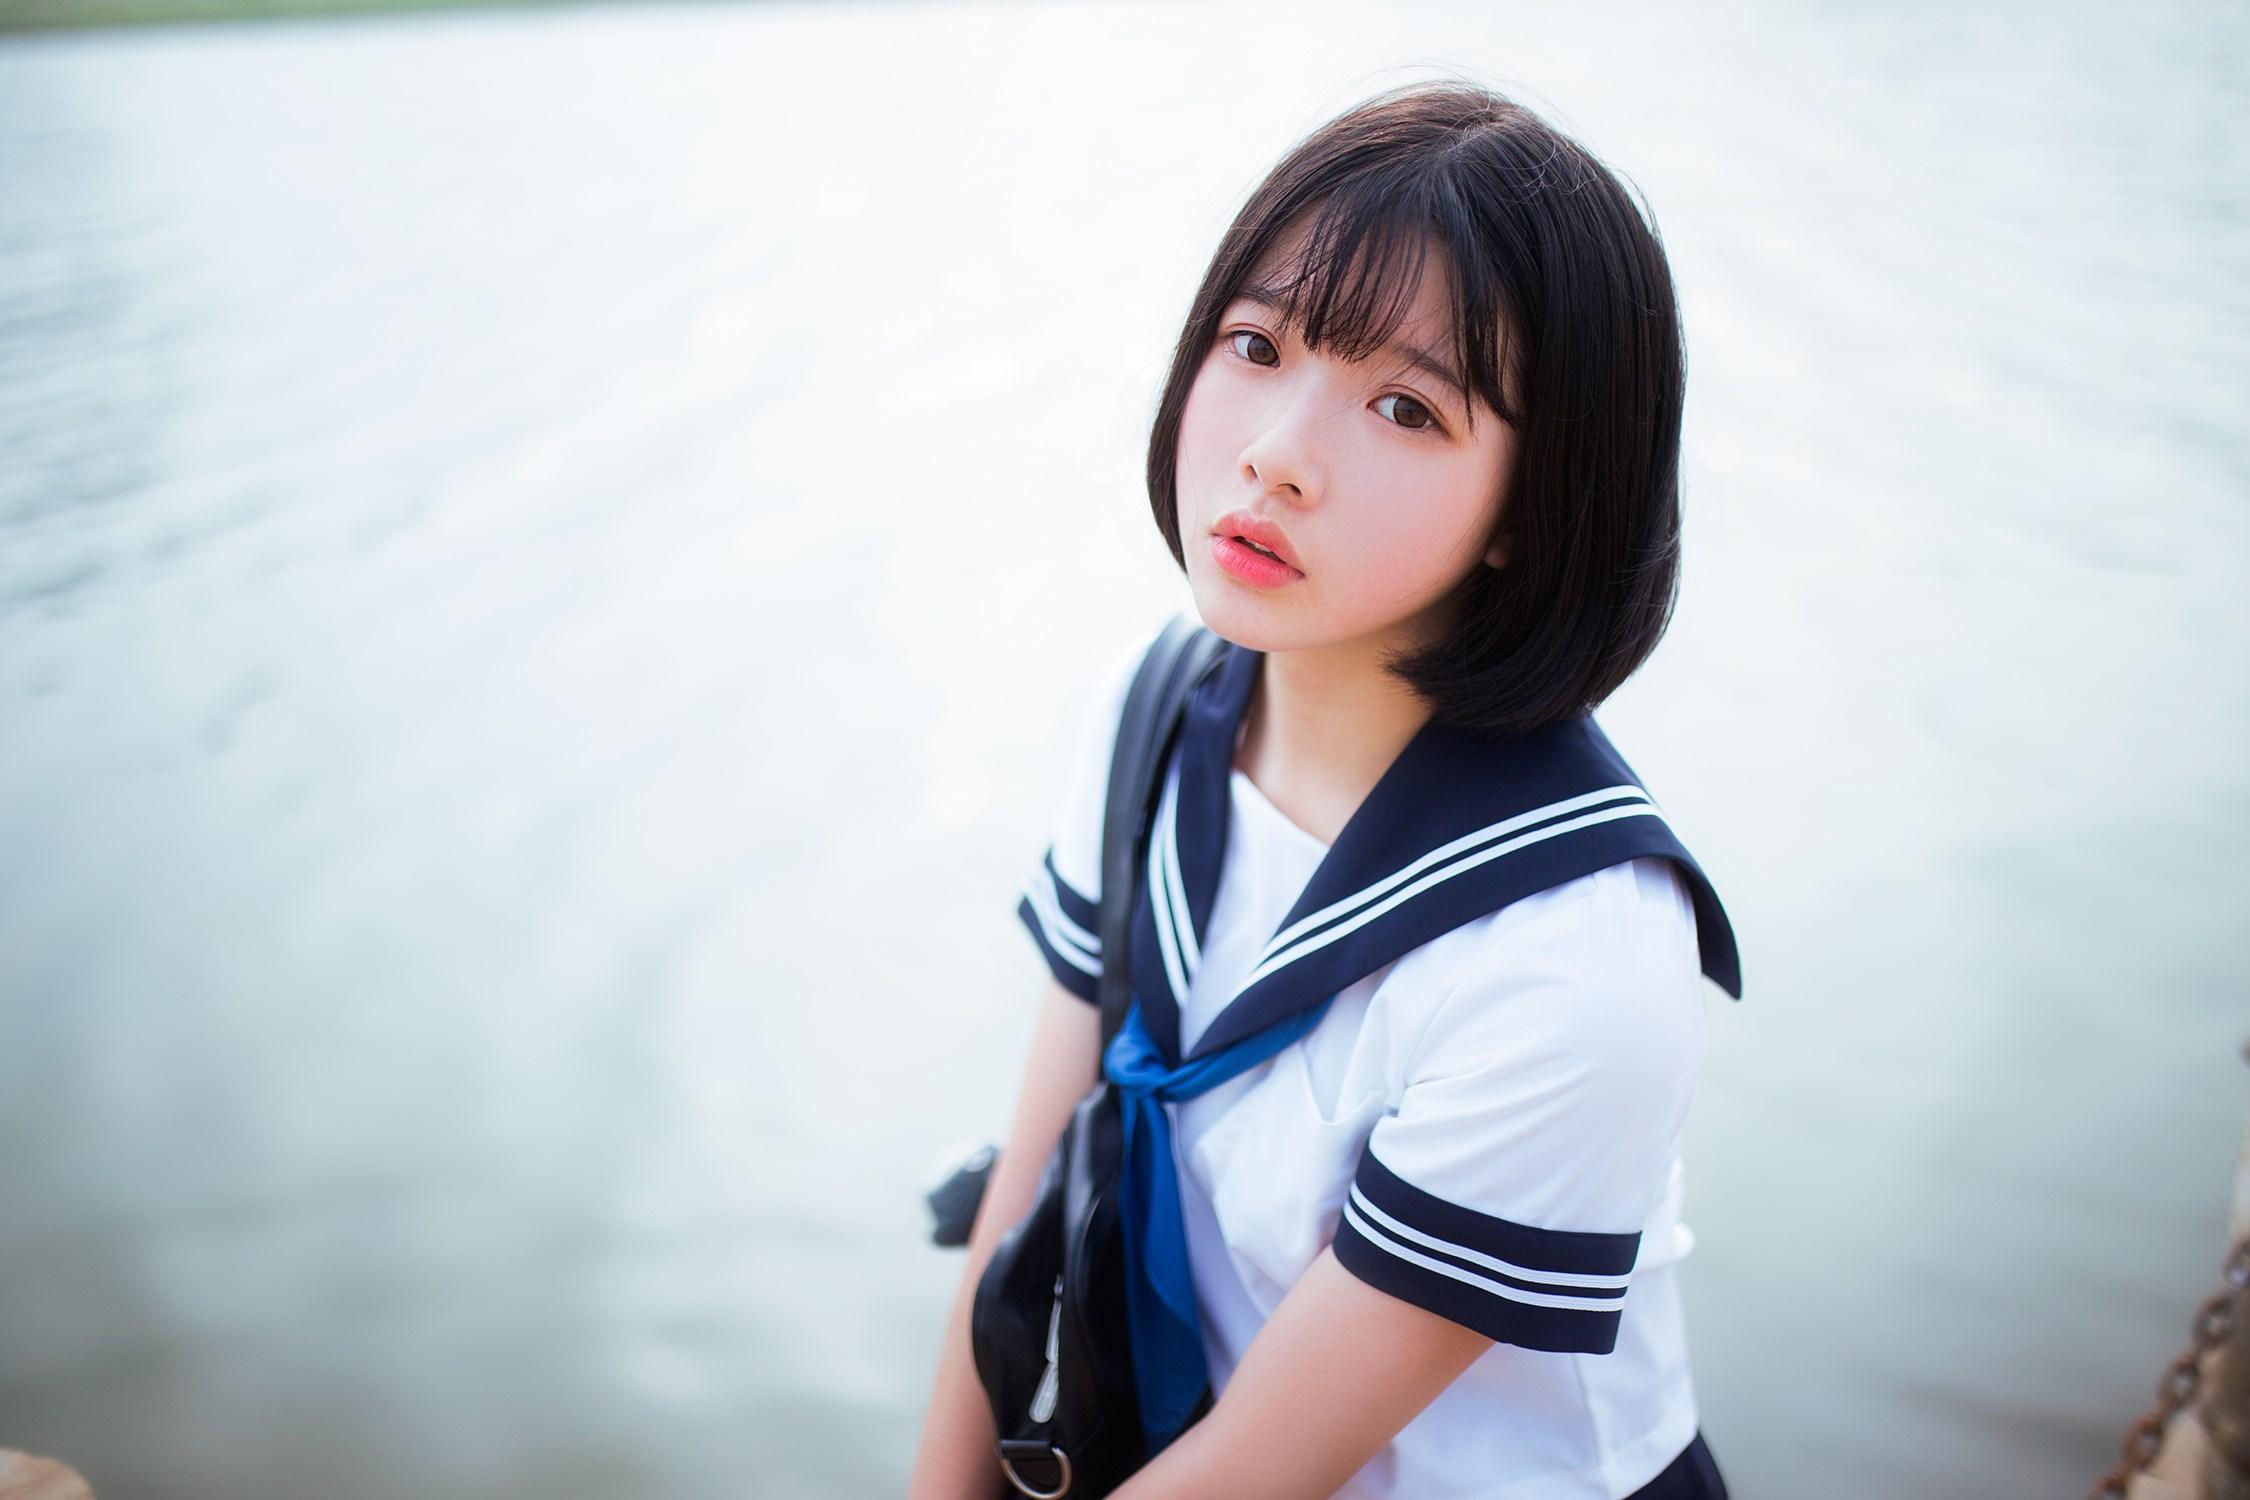 【兔玩映画】水手服-你笑的颜色 兔玩映画 第41张